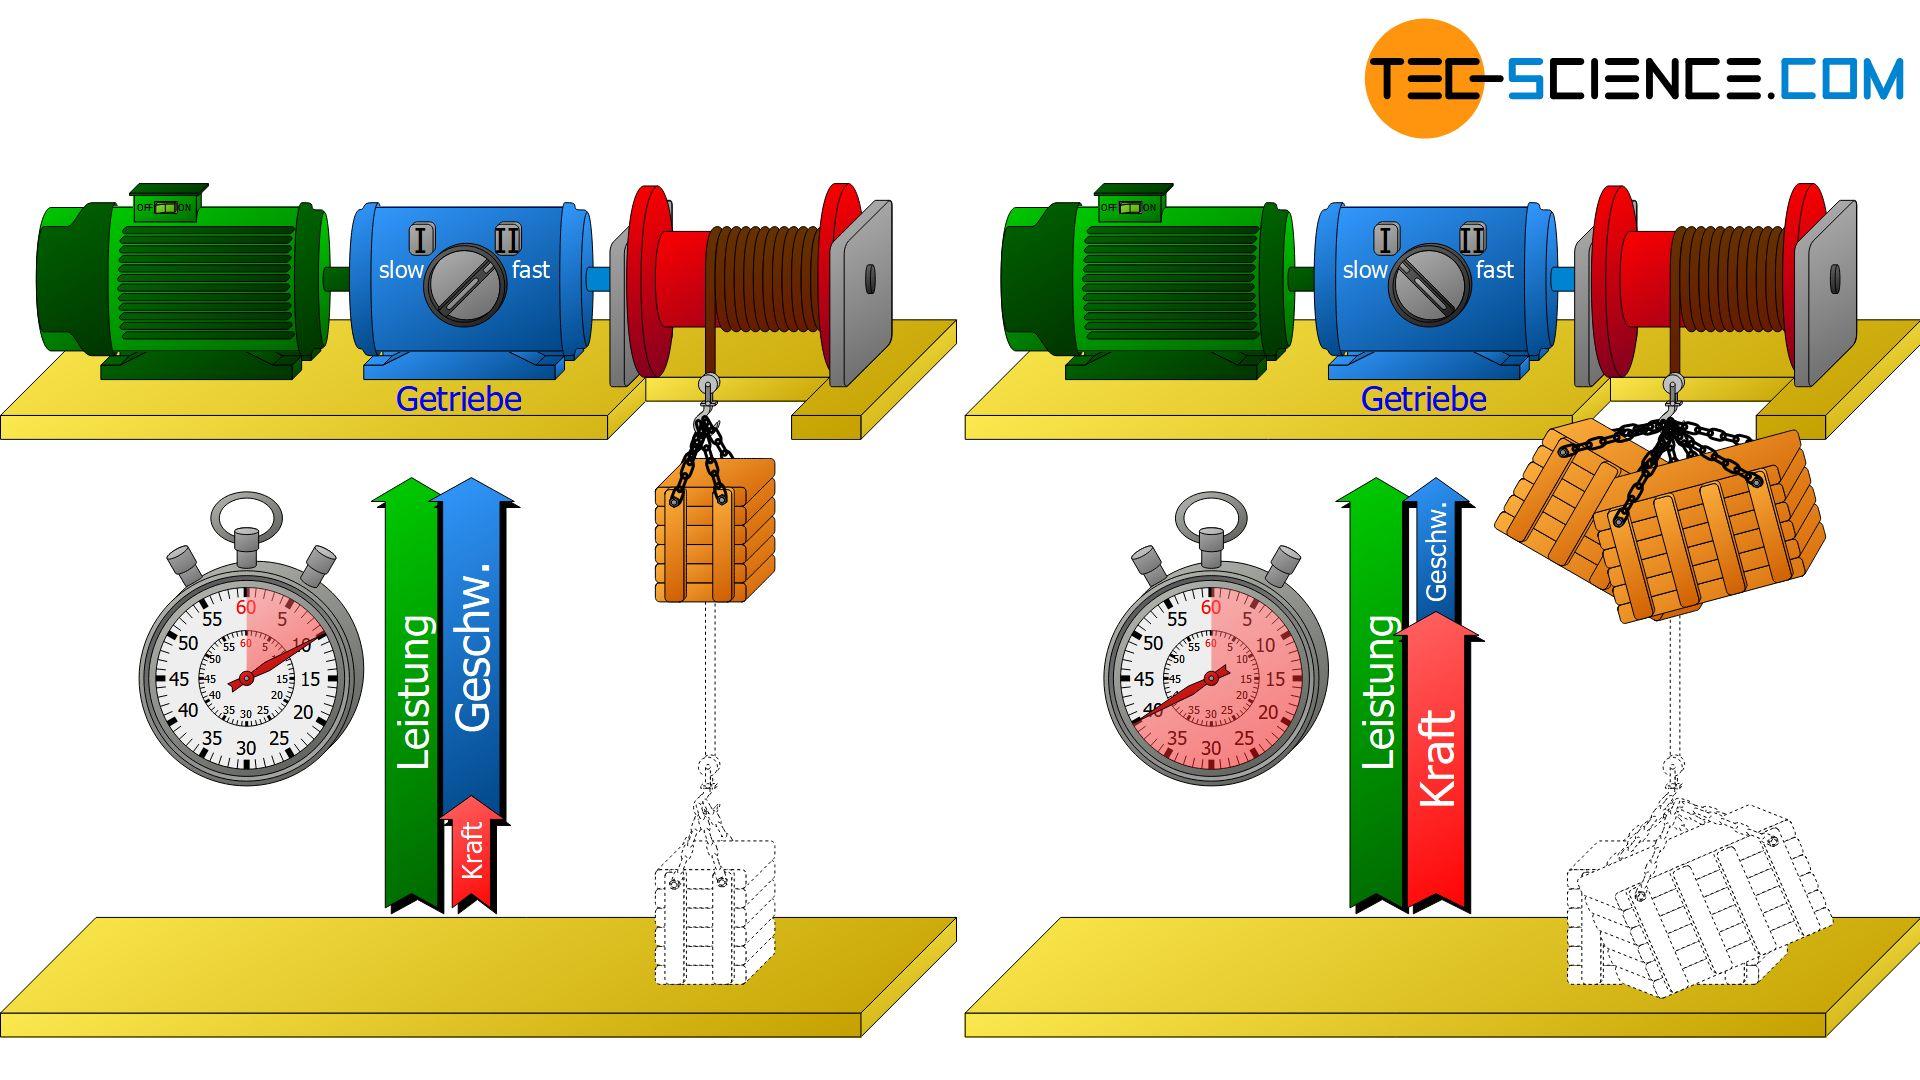 Steuerung des Kraft-Geschwindigkeit-Verhältnisses mit einem Getriebe